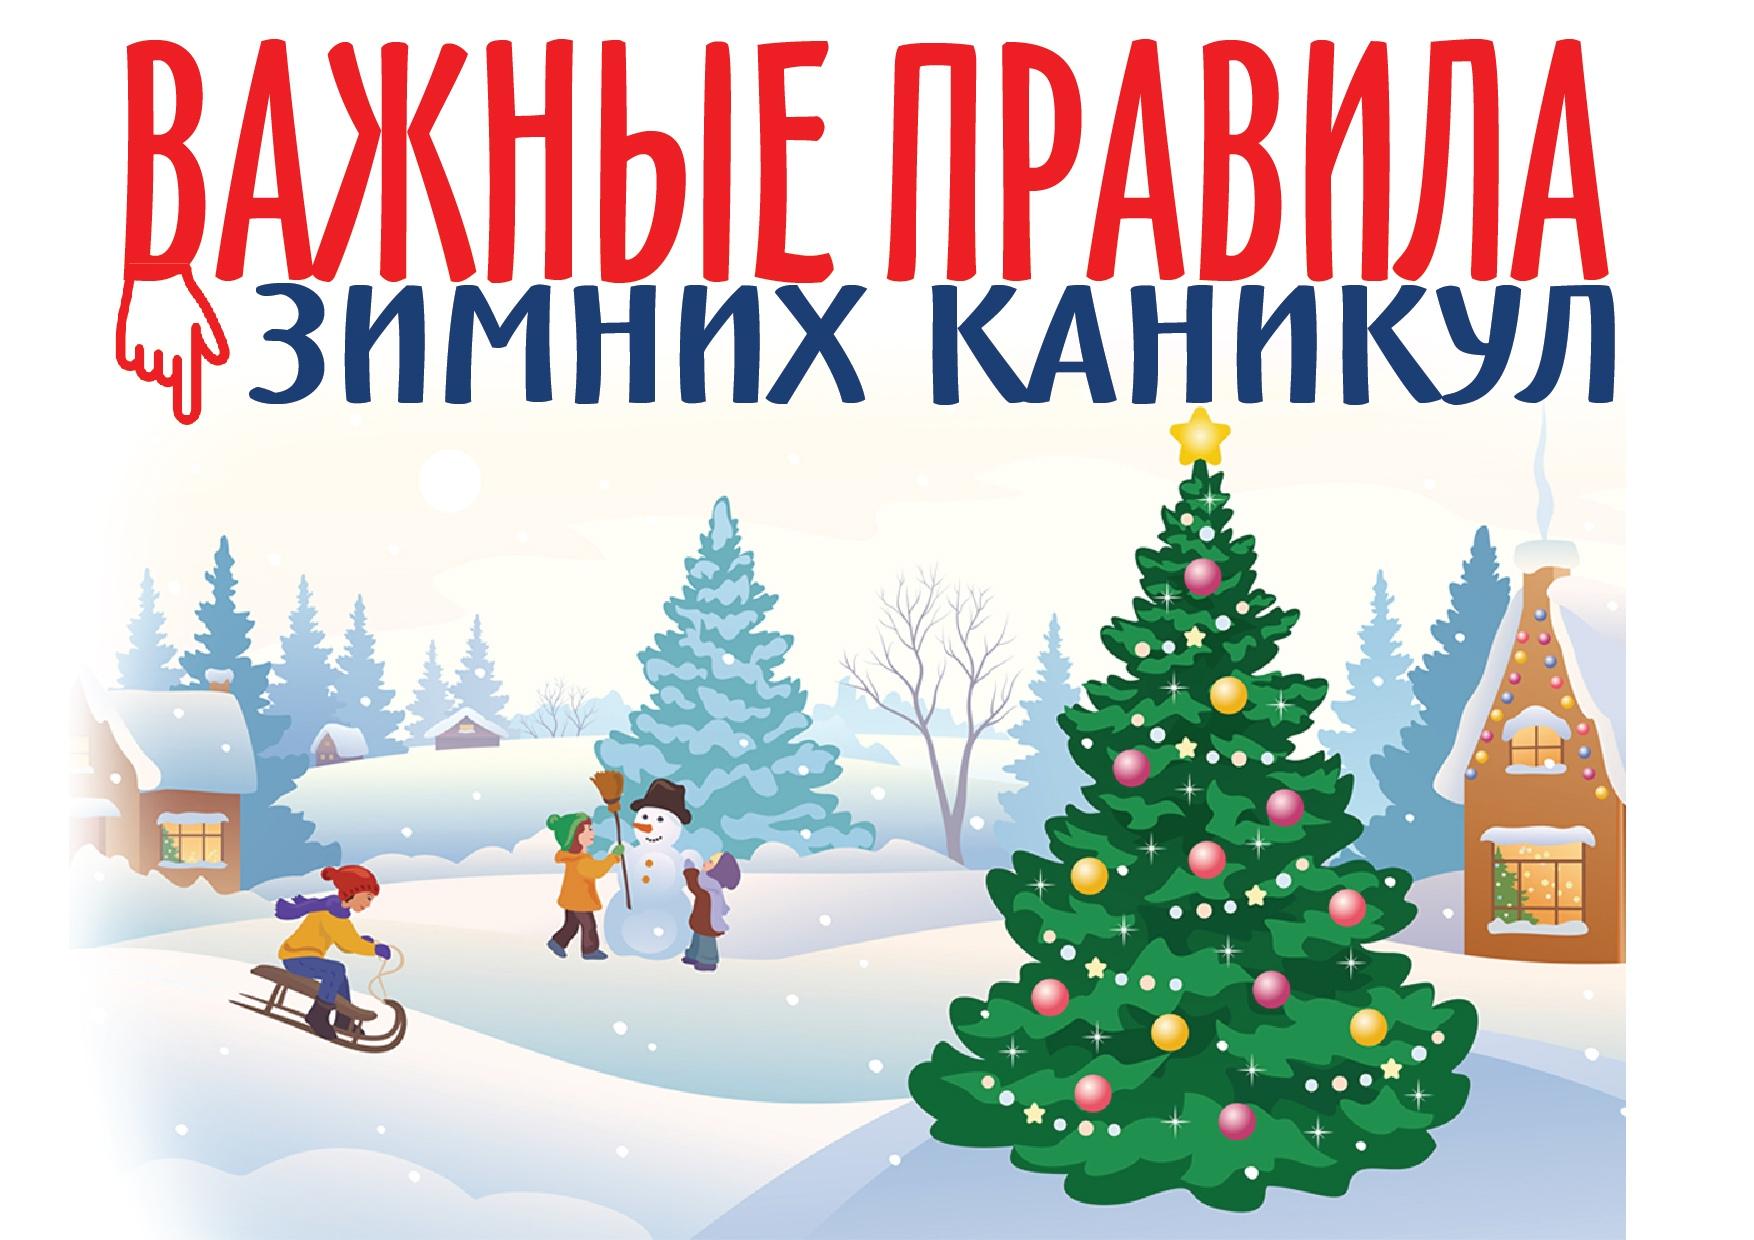 Школьные зимние  каникулы должны быть безопасными.